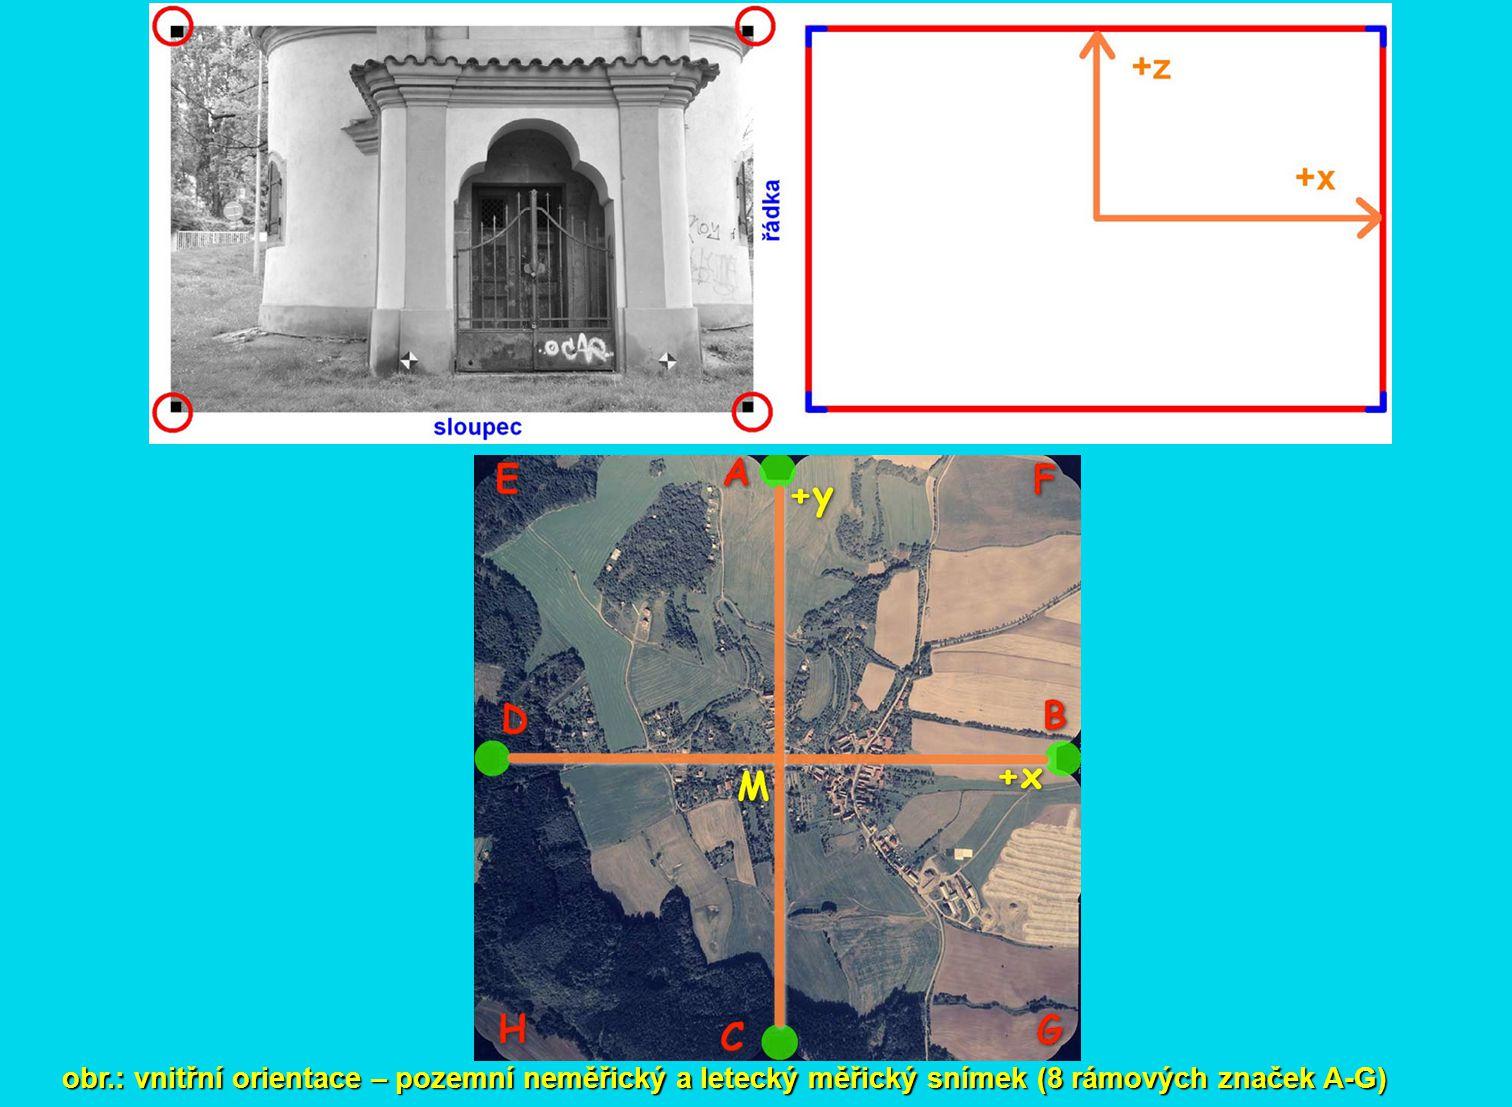 obr.: vnitřní orientace – pozemní neměřický a letecký měřický snímek (8 rámových značek A-G)